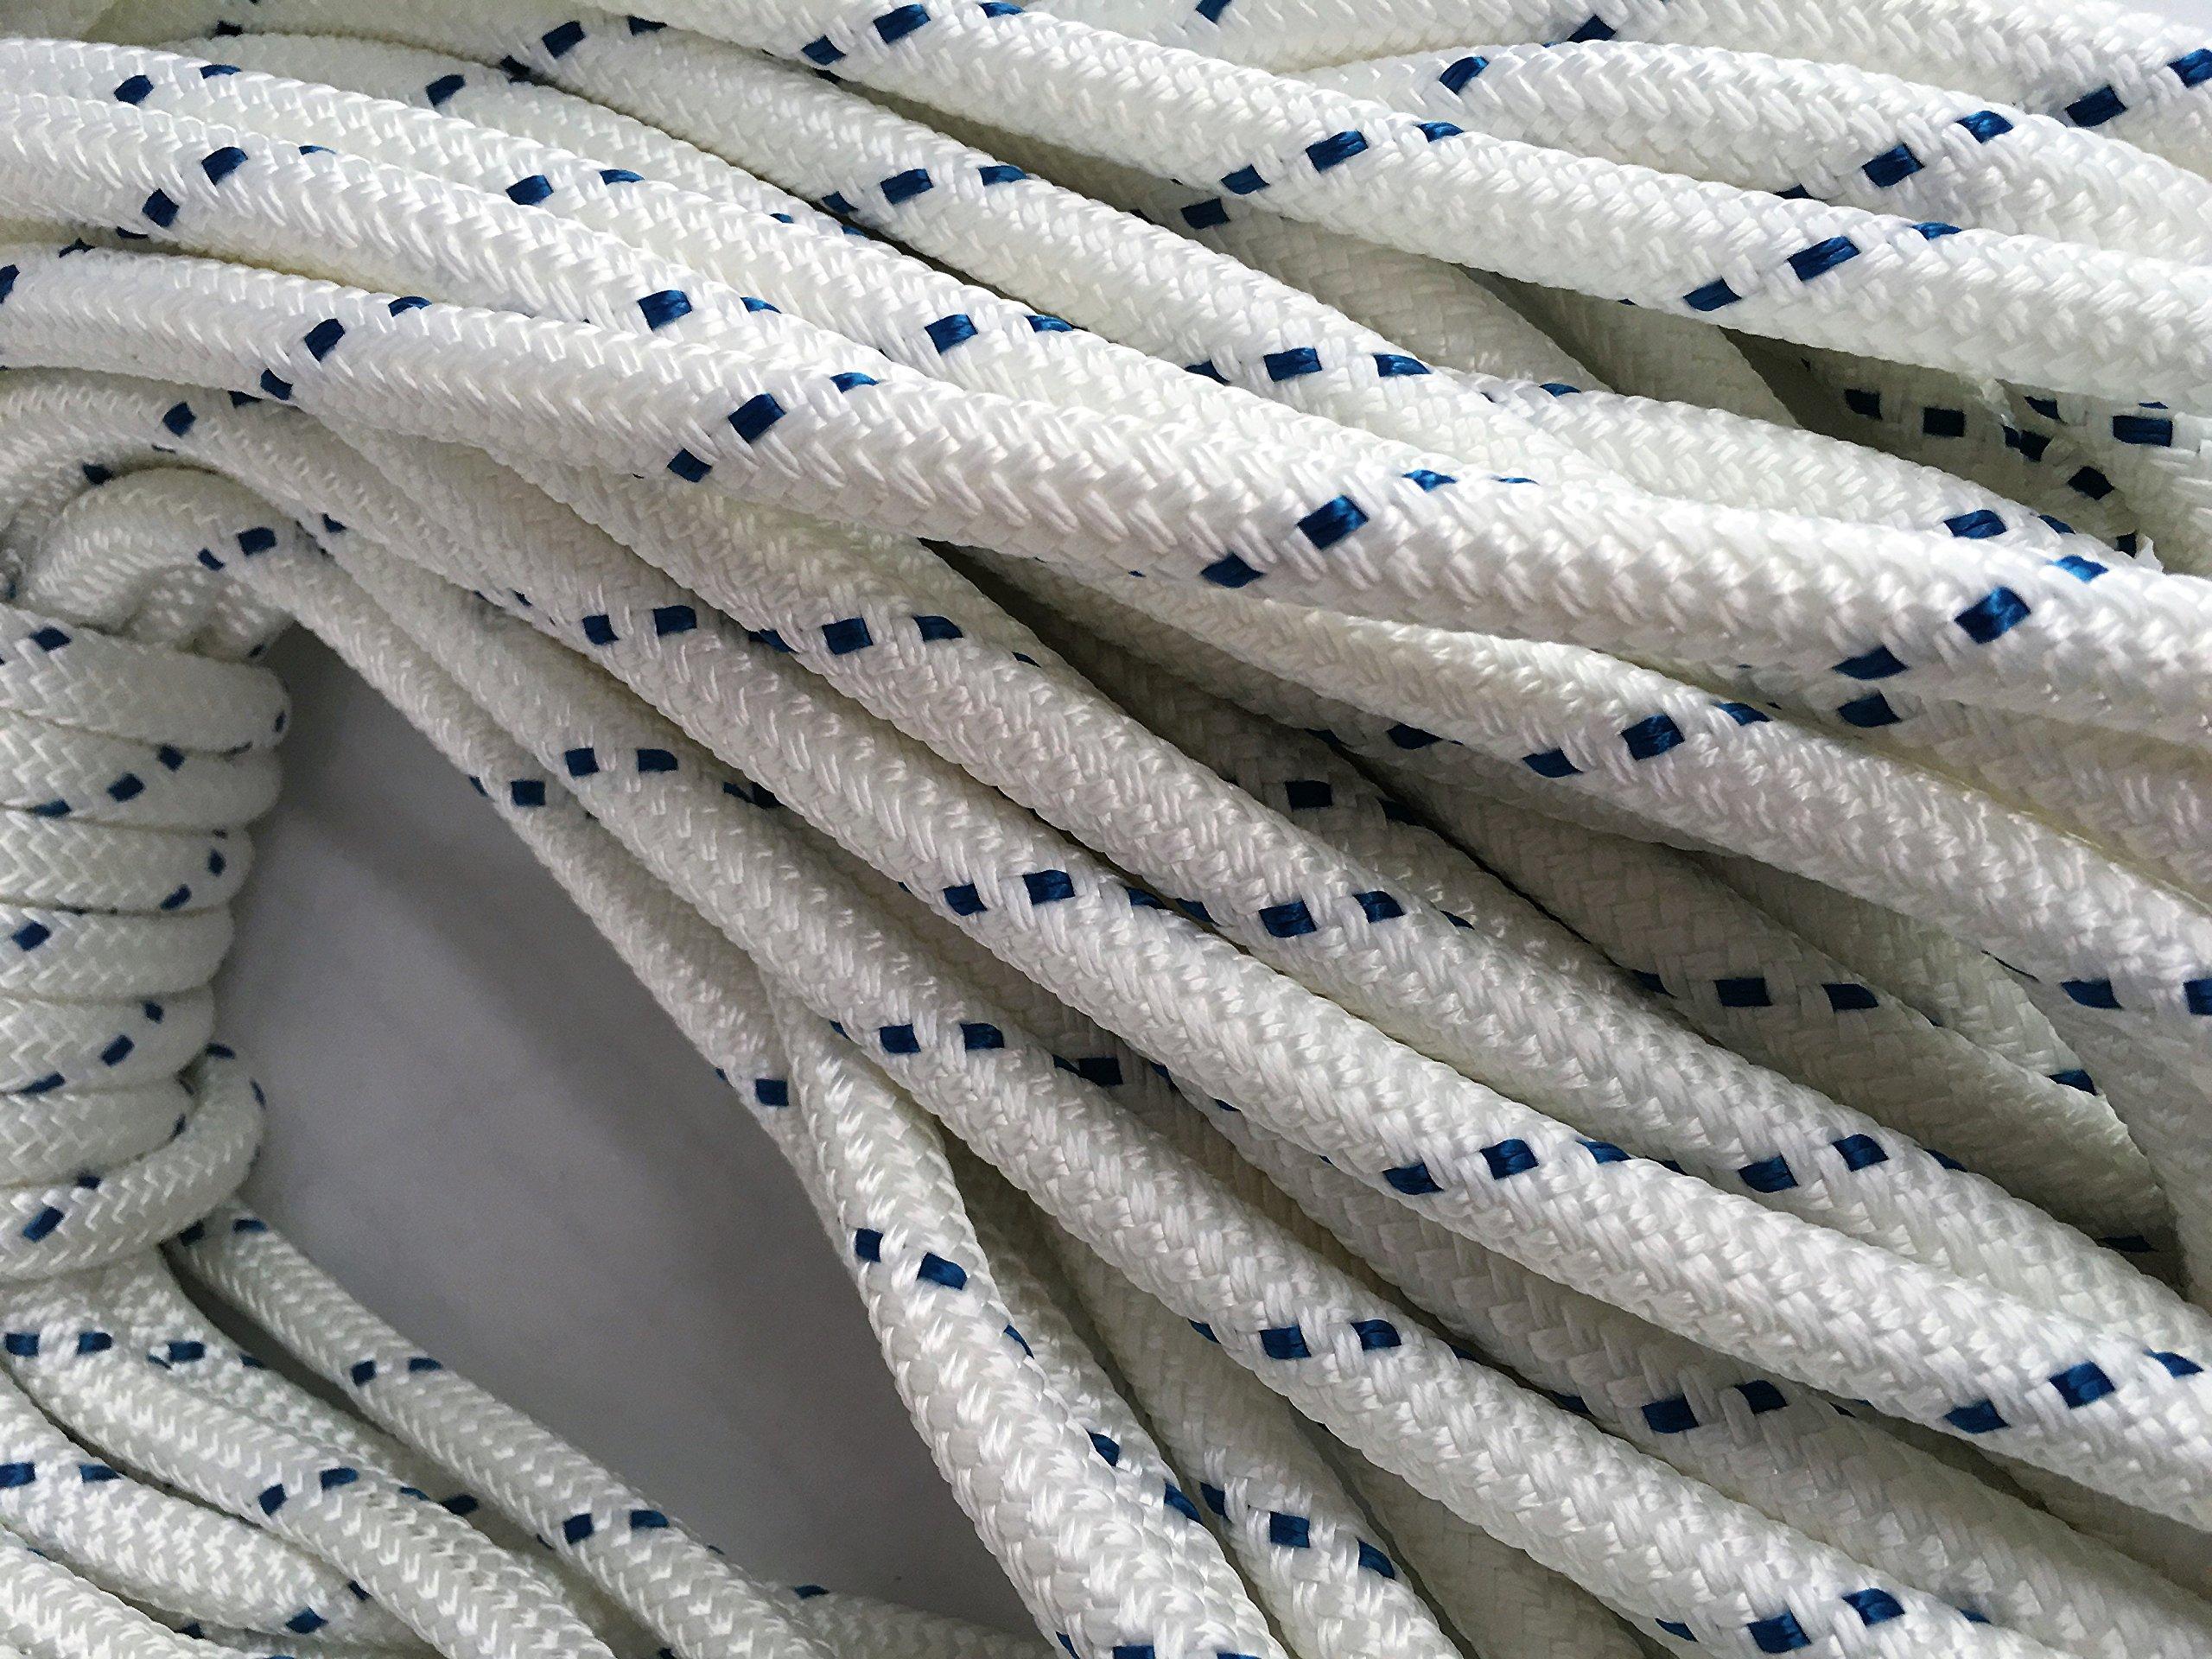 1/2'' X 150' Double Braid/Yacht Braid Premium Polyester Halyard Rigging Line, White/Blue